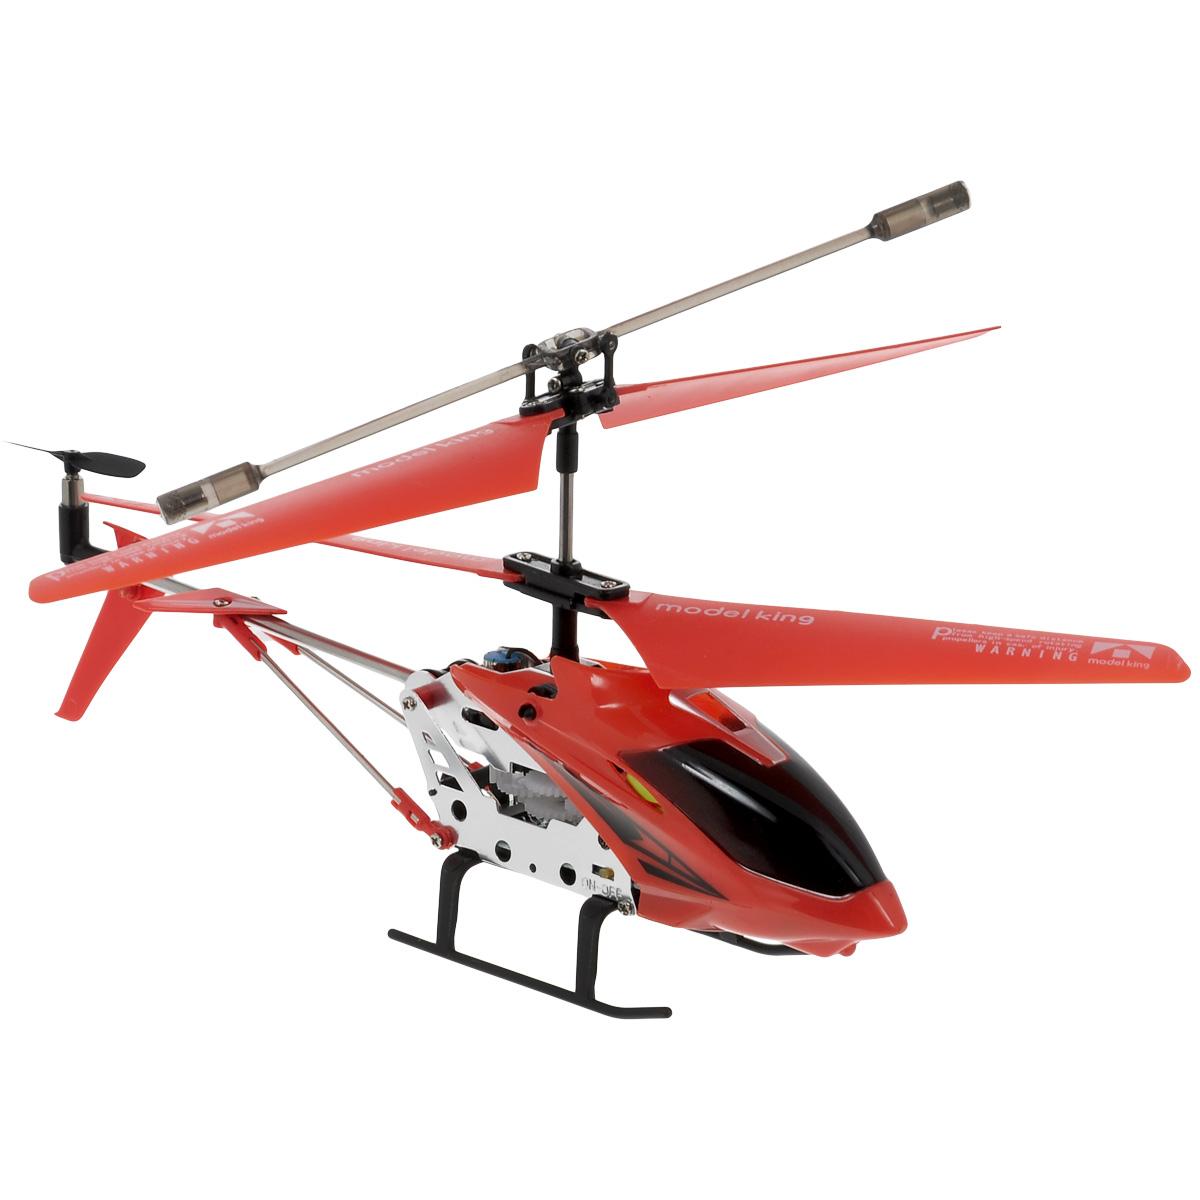 Junfa радиоуправляемый вертолет Model King33008-1Радиоуправляемая модель Junfa Вертолет Model King привлечет внимание не только ребенка, но и взрослого, и станет отличным подарком любителю воздушной техники. Вертолет оснащен встроенным гироскопом, который помогает скорректировать и устранить нежелательные вращения корпуса вертолета. Благодаря гироскопу сохраняется высокая устойчивость полета, что позволяет полностью контролировать его процесс, управляя без суеты и страха сломать игрушку. Каркас вертолета выполнен из пластика с использованием металла. Вертолет имеет трехканальное дистанционное управление, с помощью пульта управления можно менять скорость полета, а также проделывать фигуры высшего пилотажа. Модель вертолета идеально подходит для игры как внутри помещения, так и на улице. Зарядка аккумулятора осуществляется от USB-провода или пульта управления. Основные направления движения вертолета: вперед-назад, вправо-влево, вверх-вниз. В комплект входит радиоуправляемый вертолет, пульт...